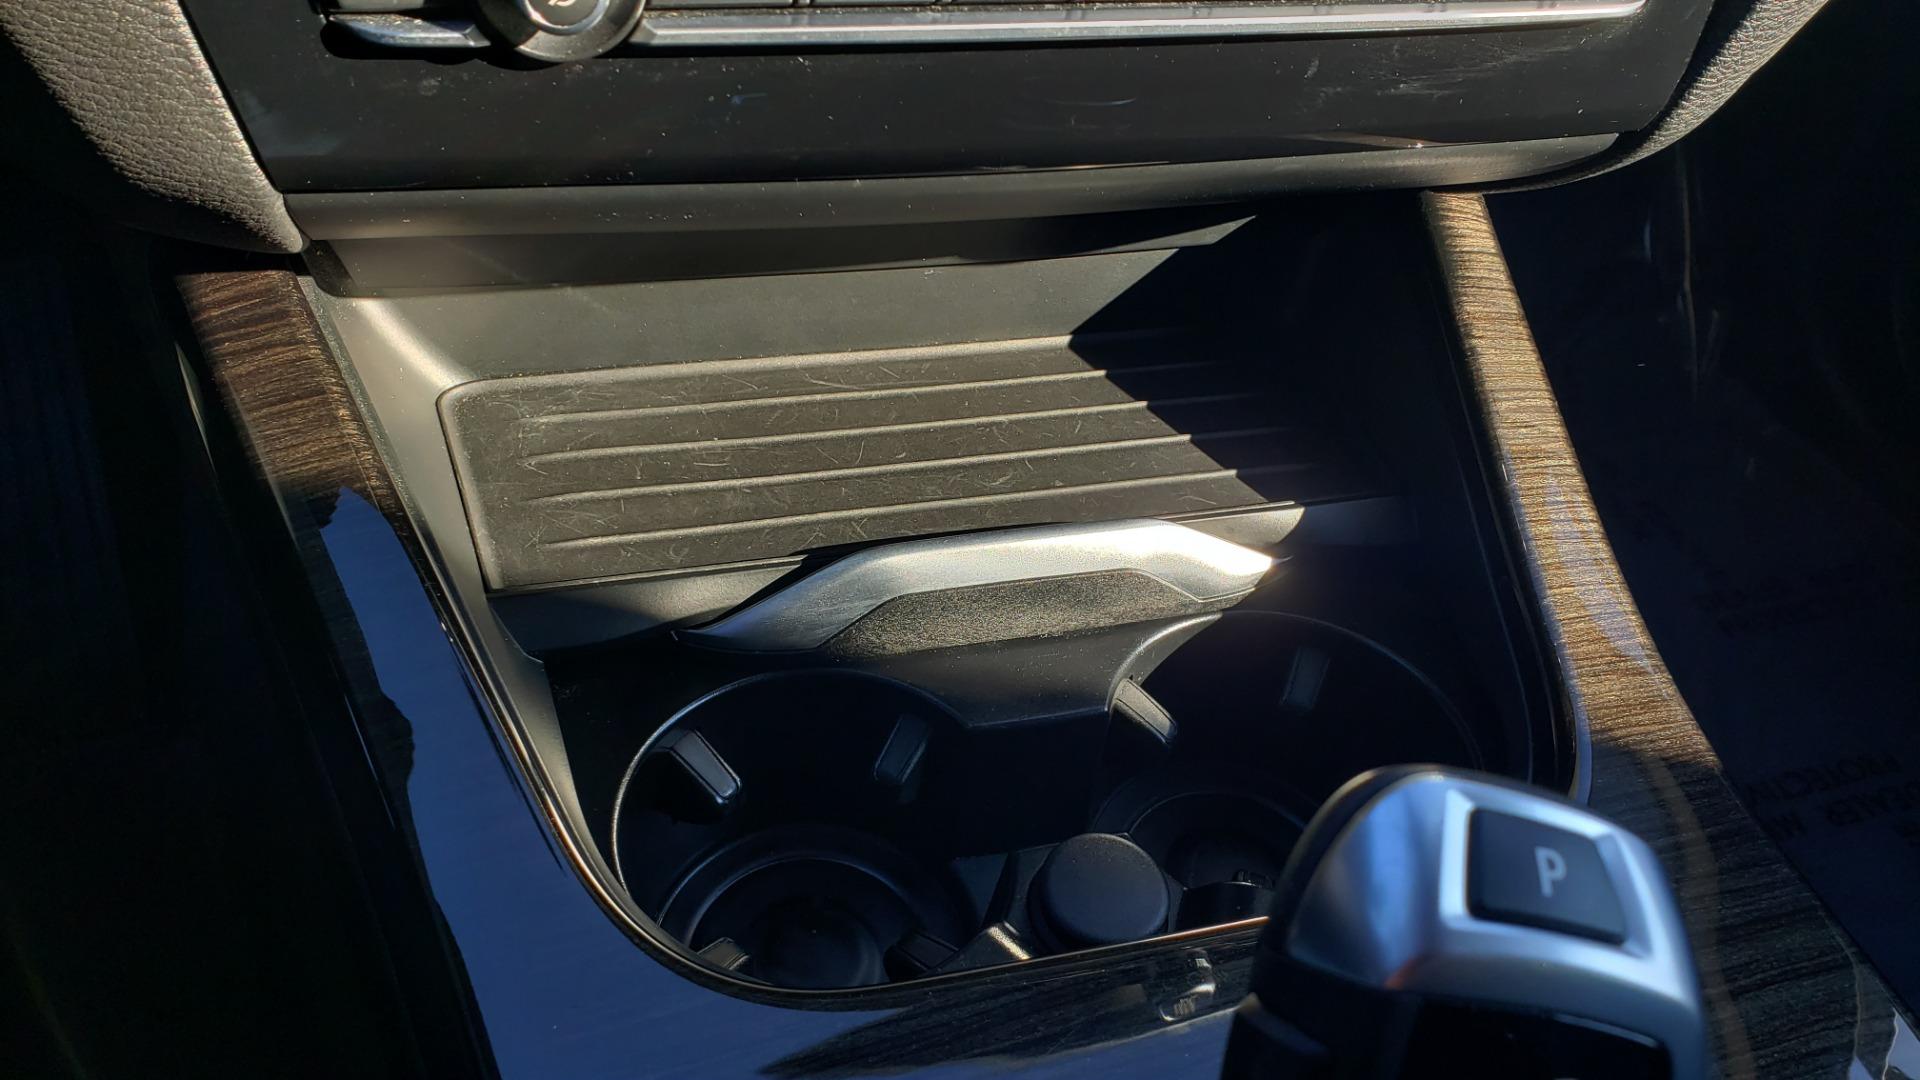 Used 2017 BMW X3 XDRIVE28I / PREM PKG / NAV / DRVR ASST / HTD STS / CAMERAS for sale Sold at Formula Imports in Charlotte NC 28227 63